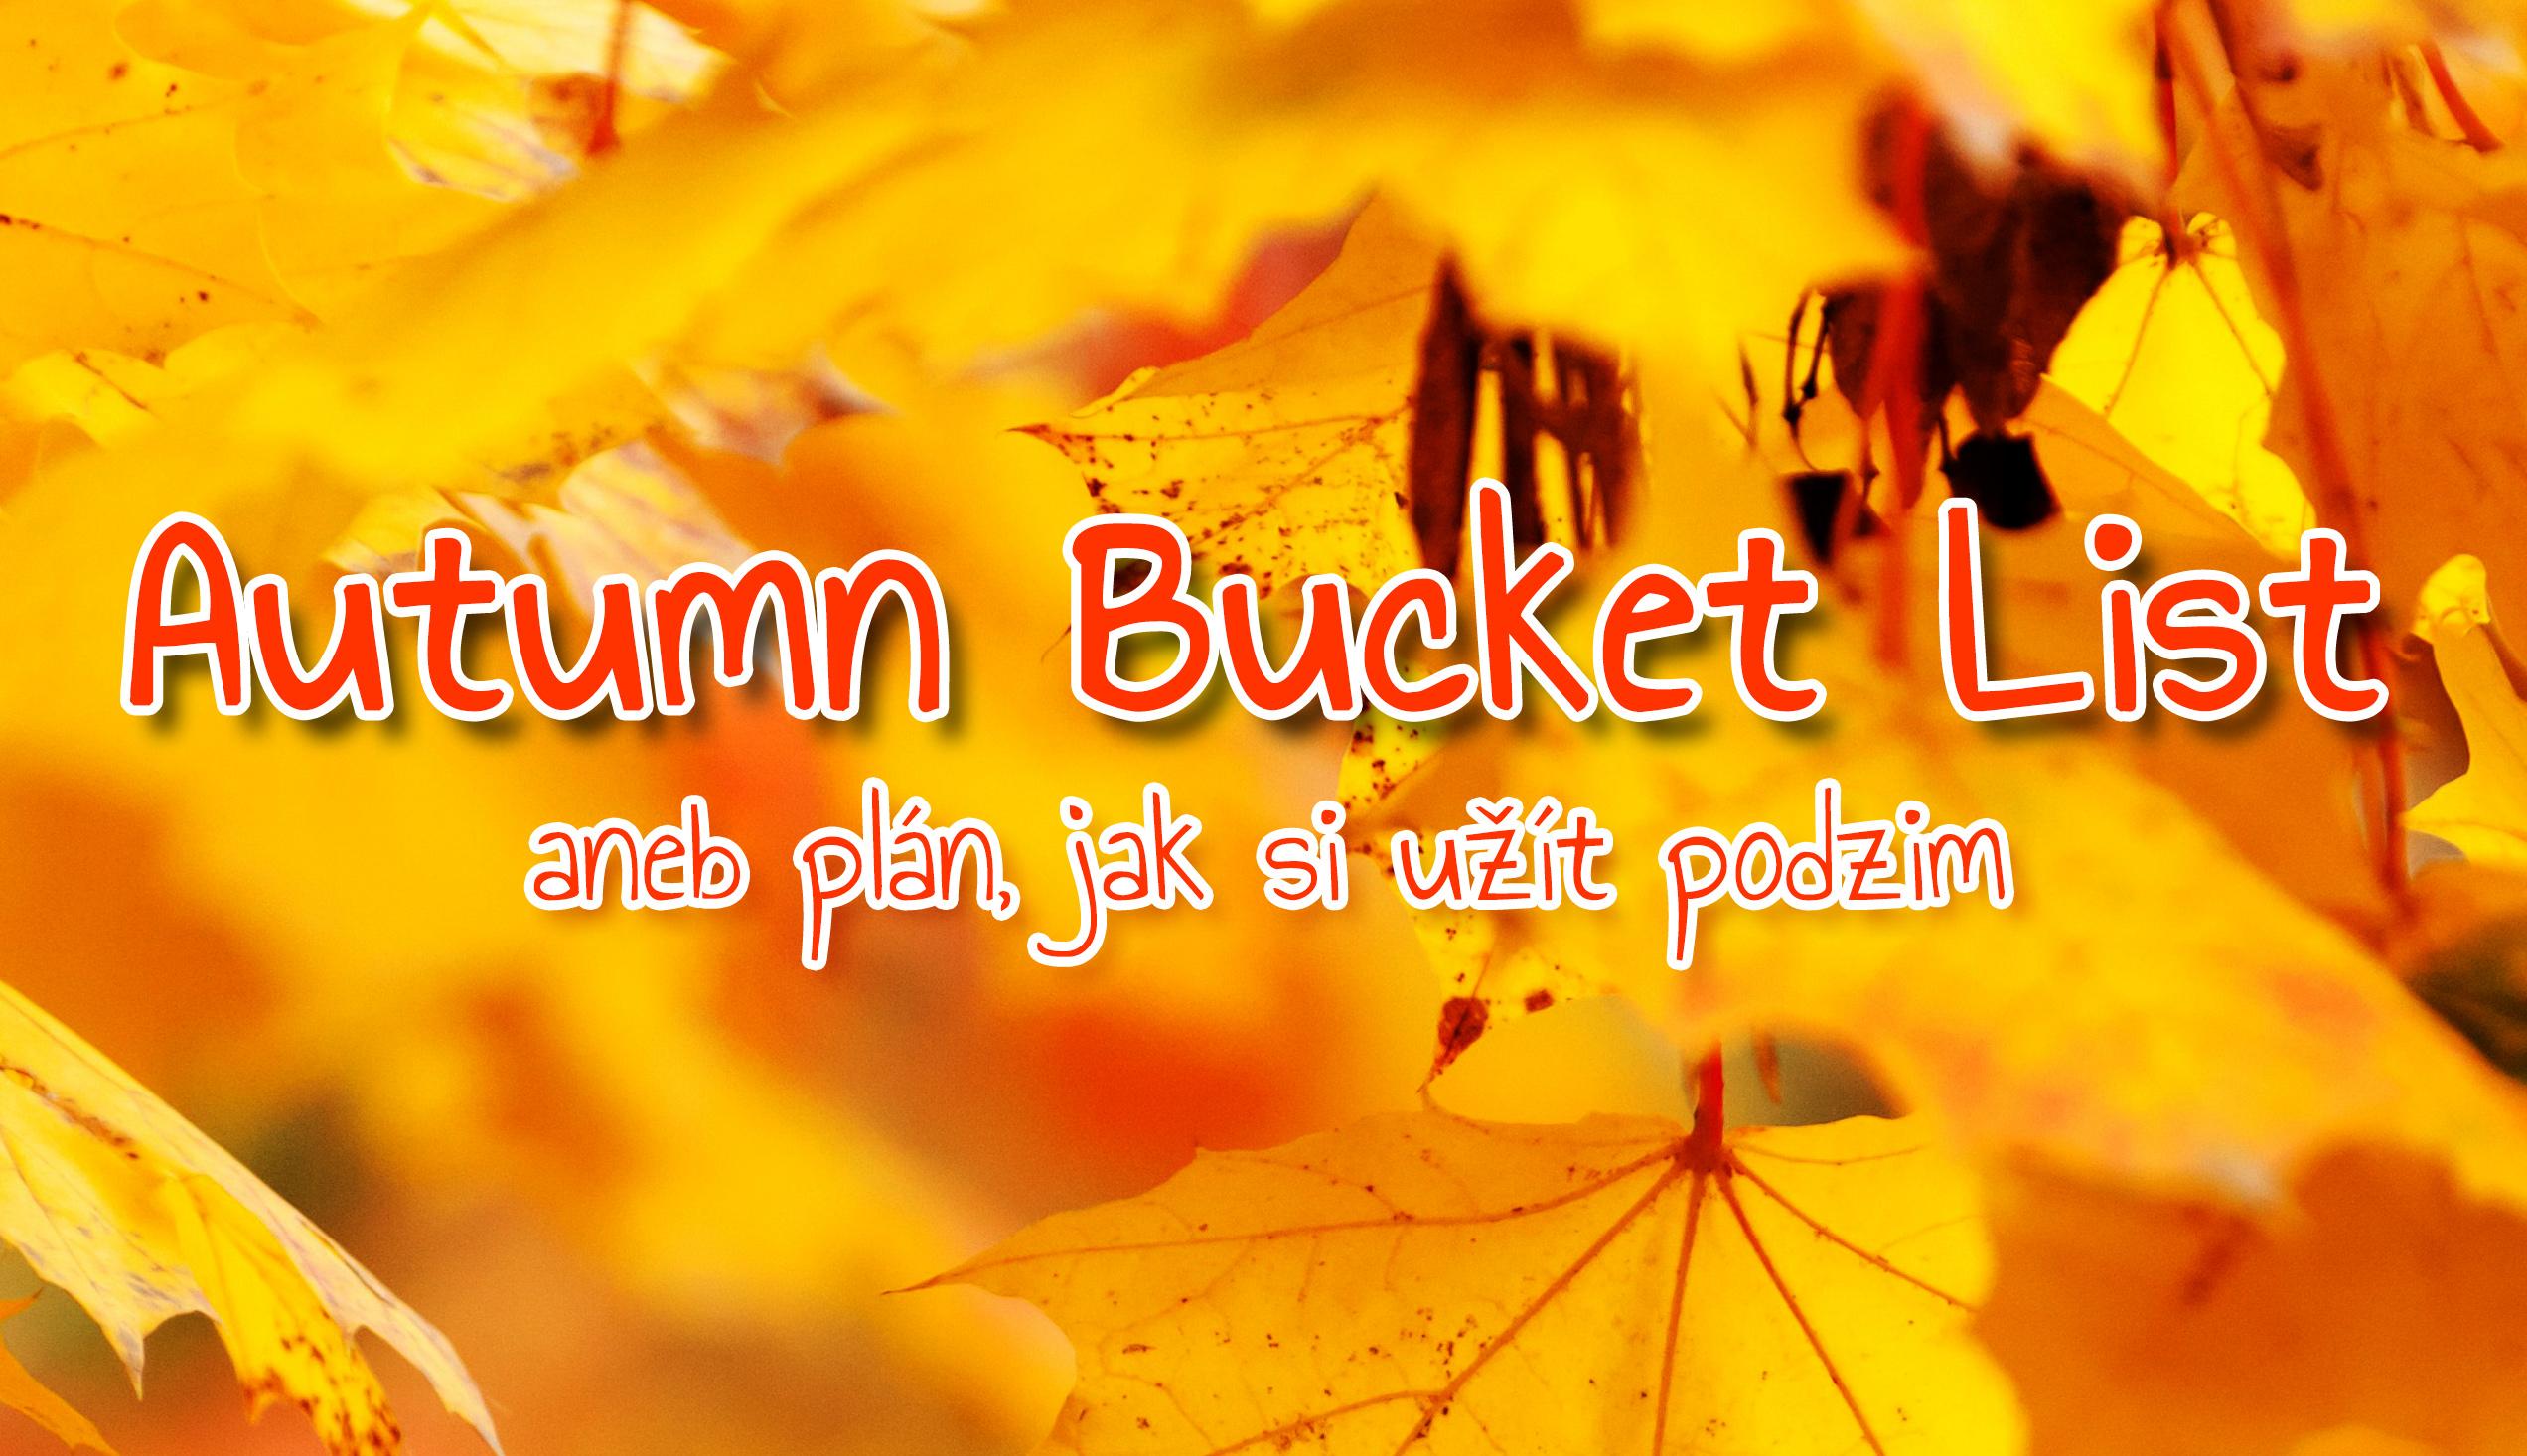 Autumn Bucket List – aneb plán, jak si užít podzim